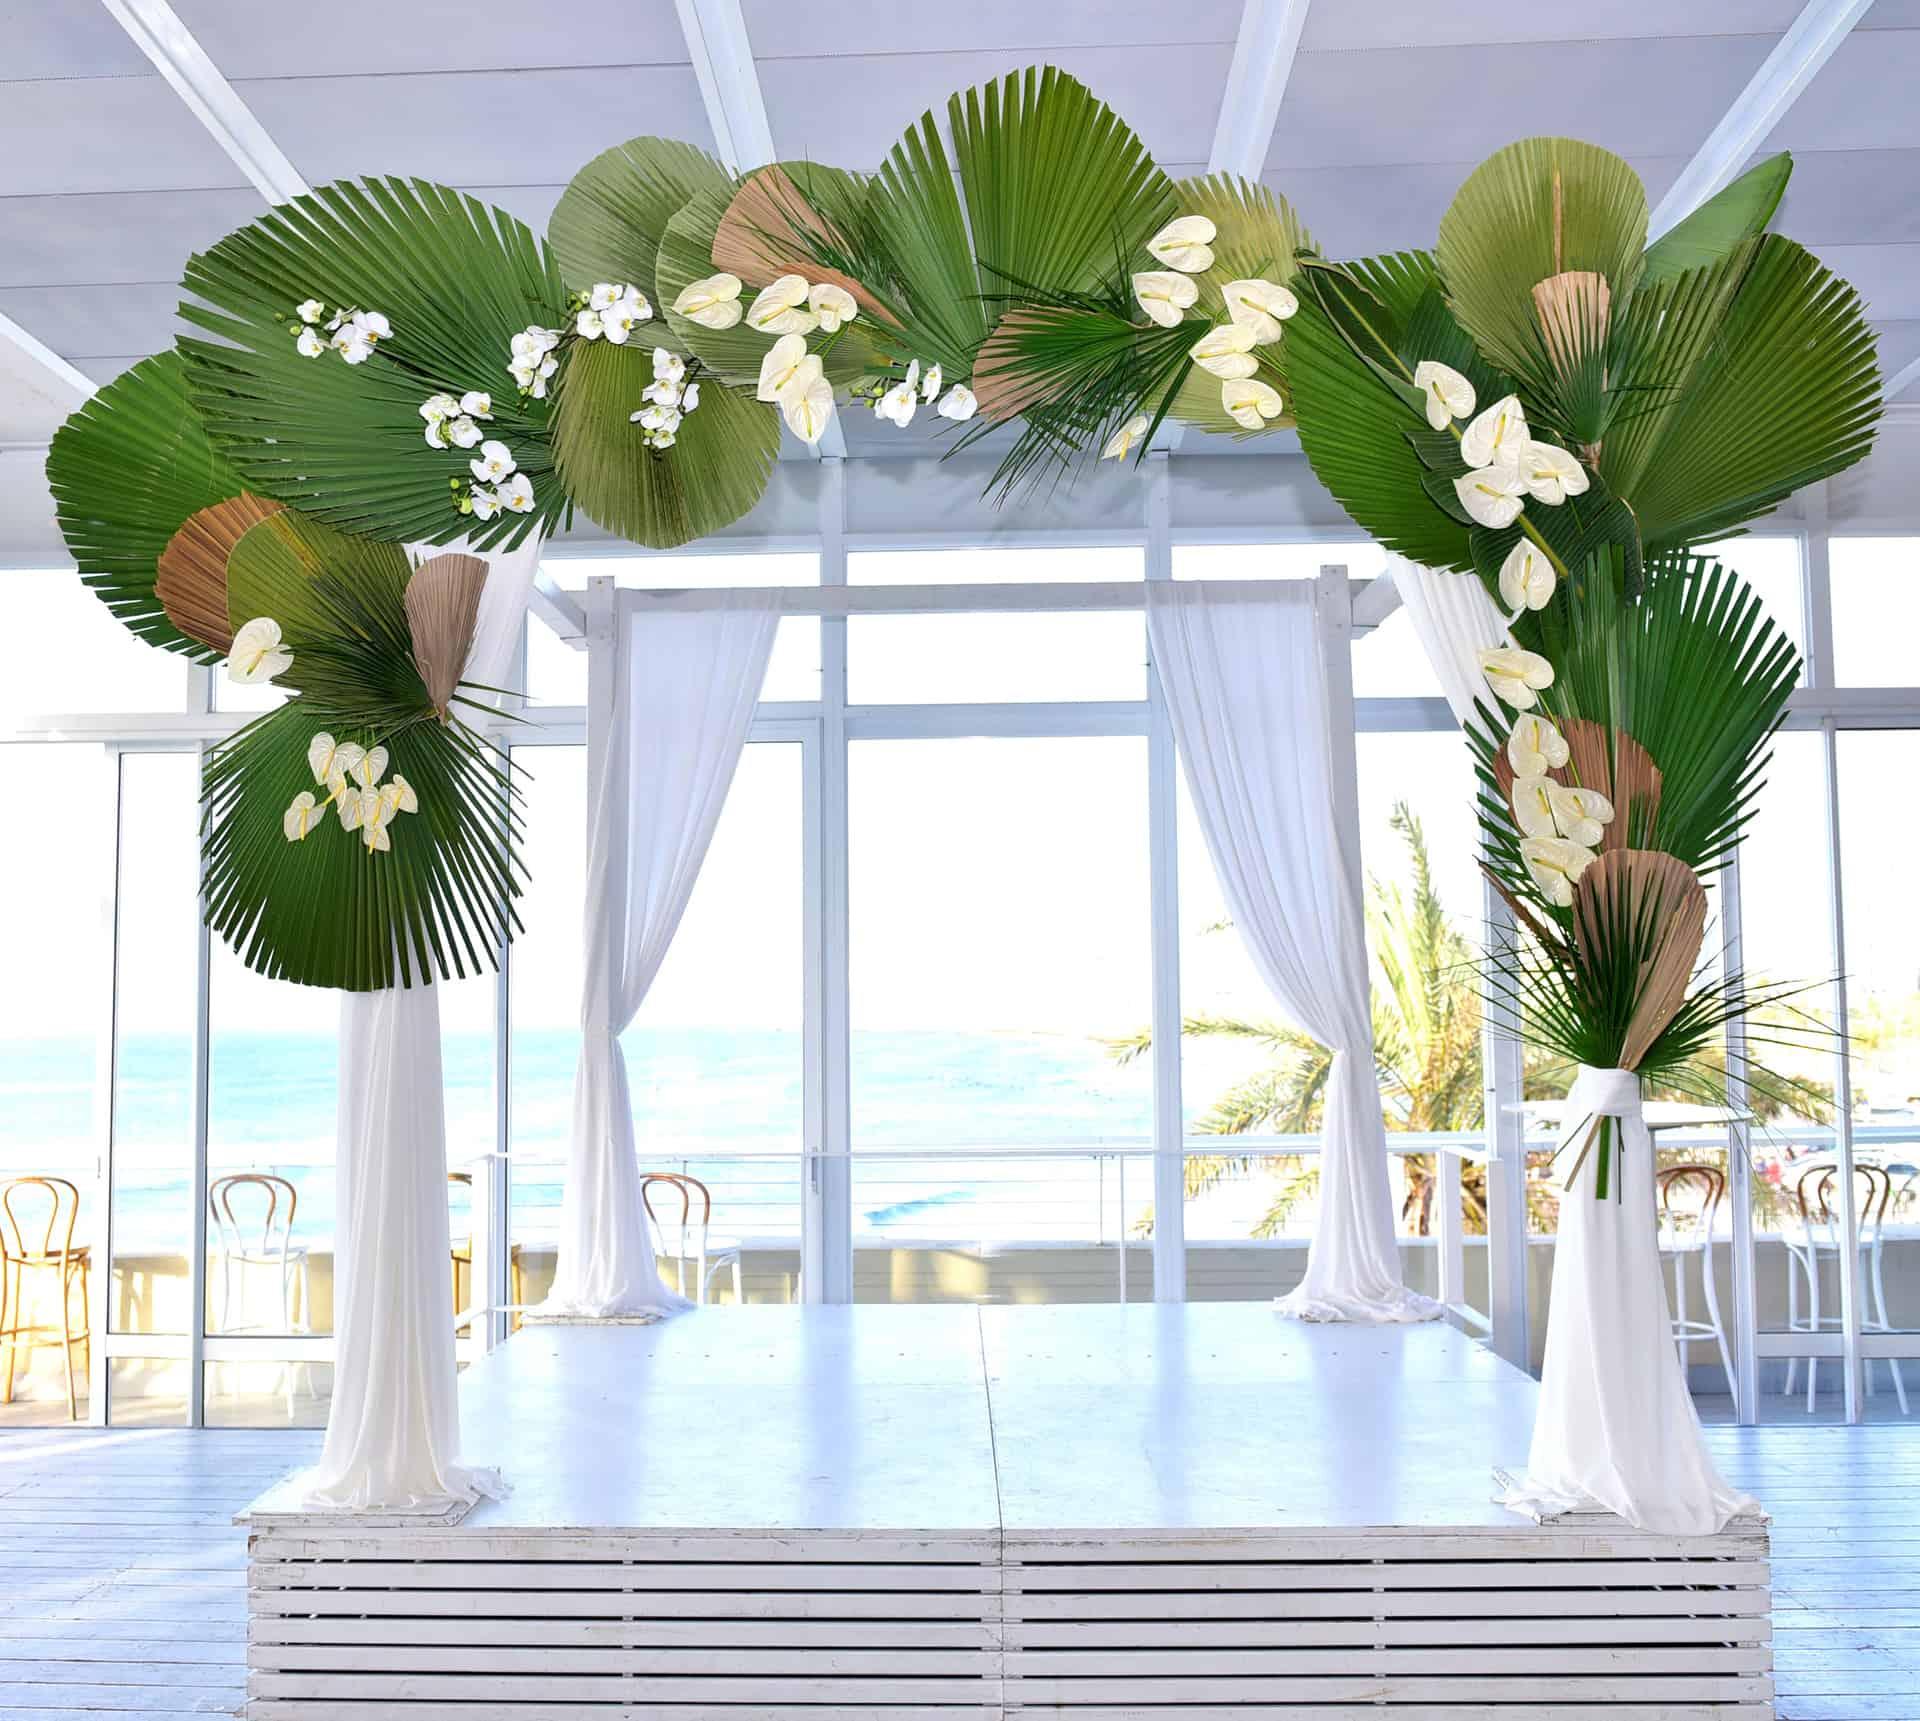 עיצוב לחתונה דואגים לעצב גם את החופה